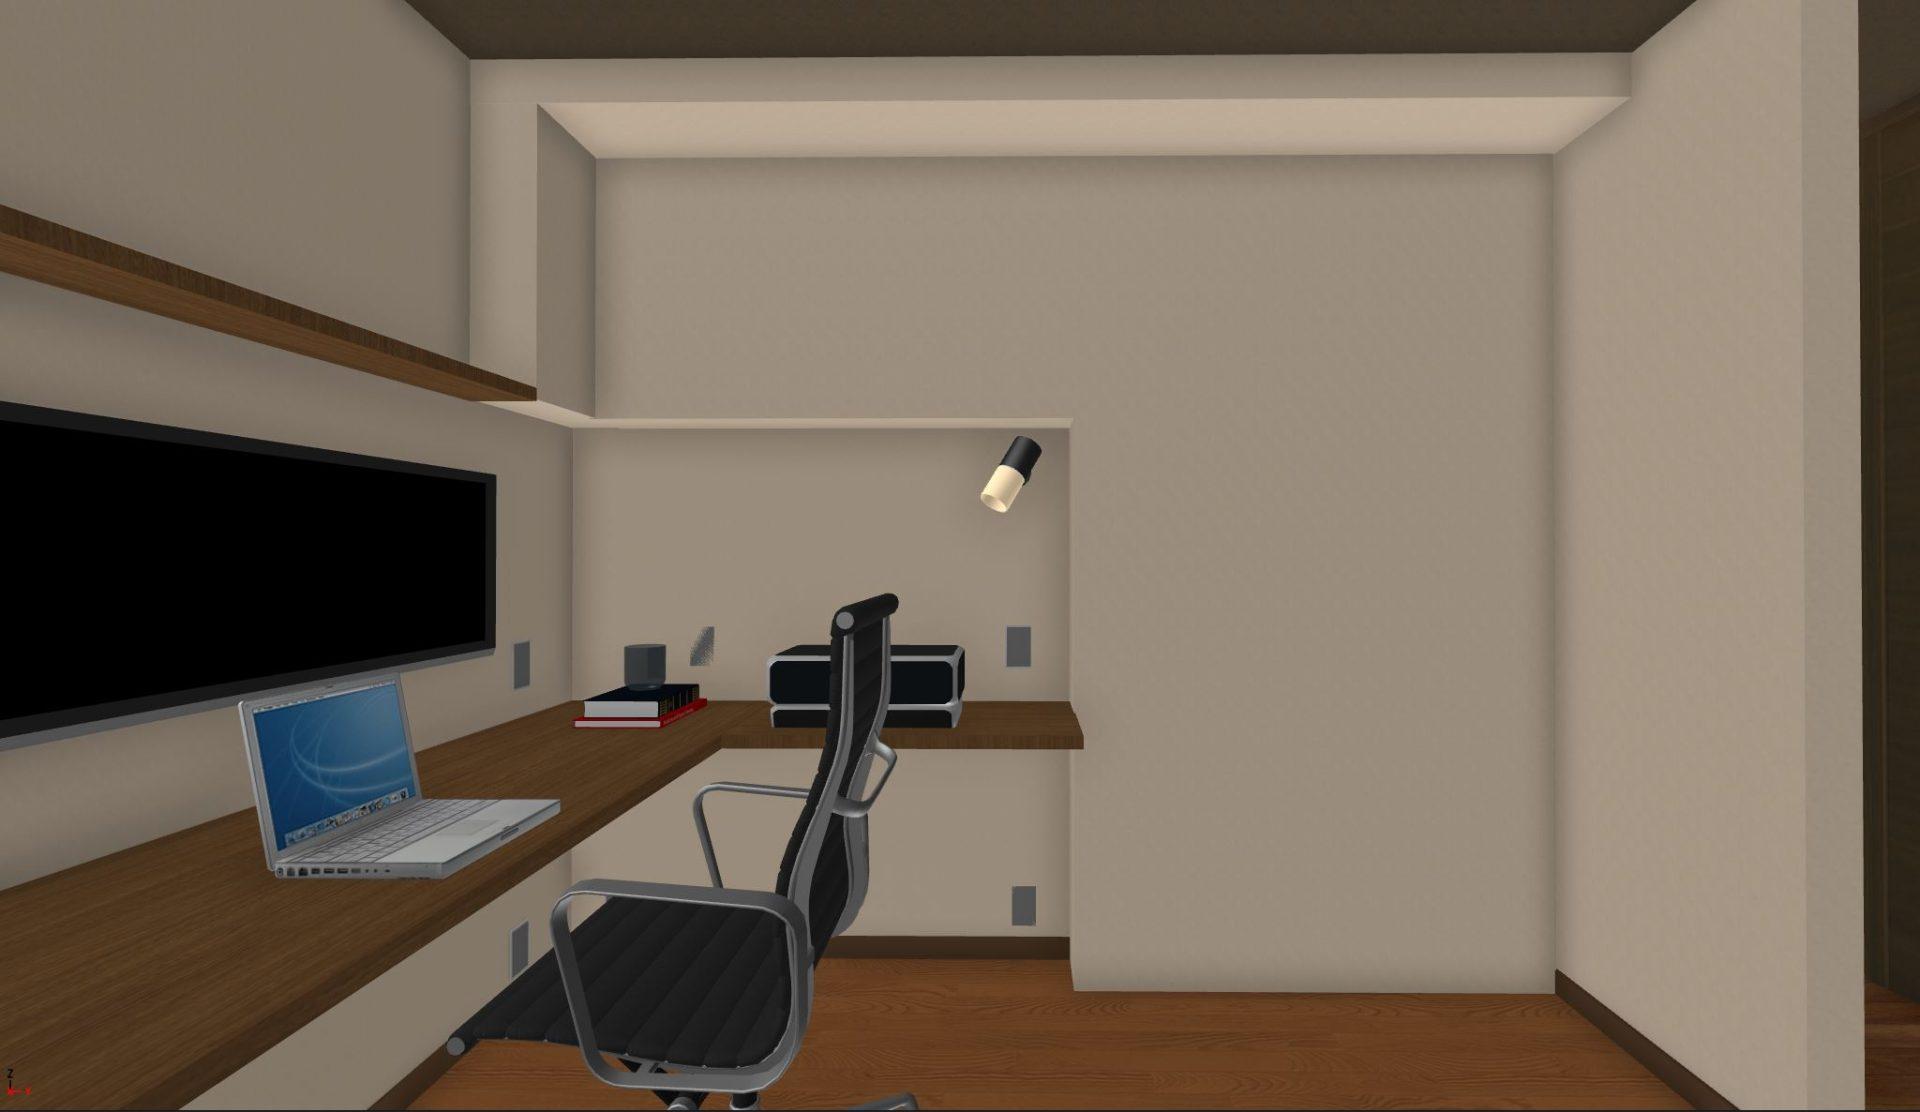 デスクと収納の面を揃えるために壁をふかす